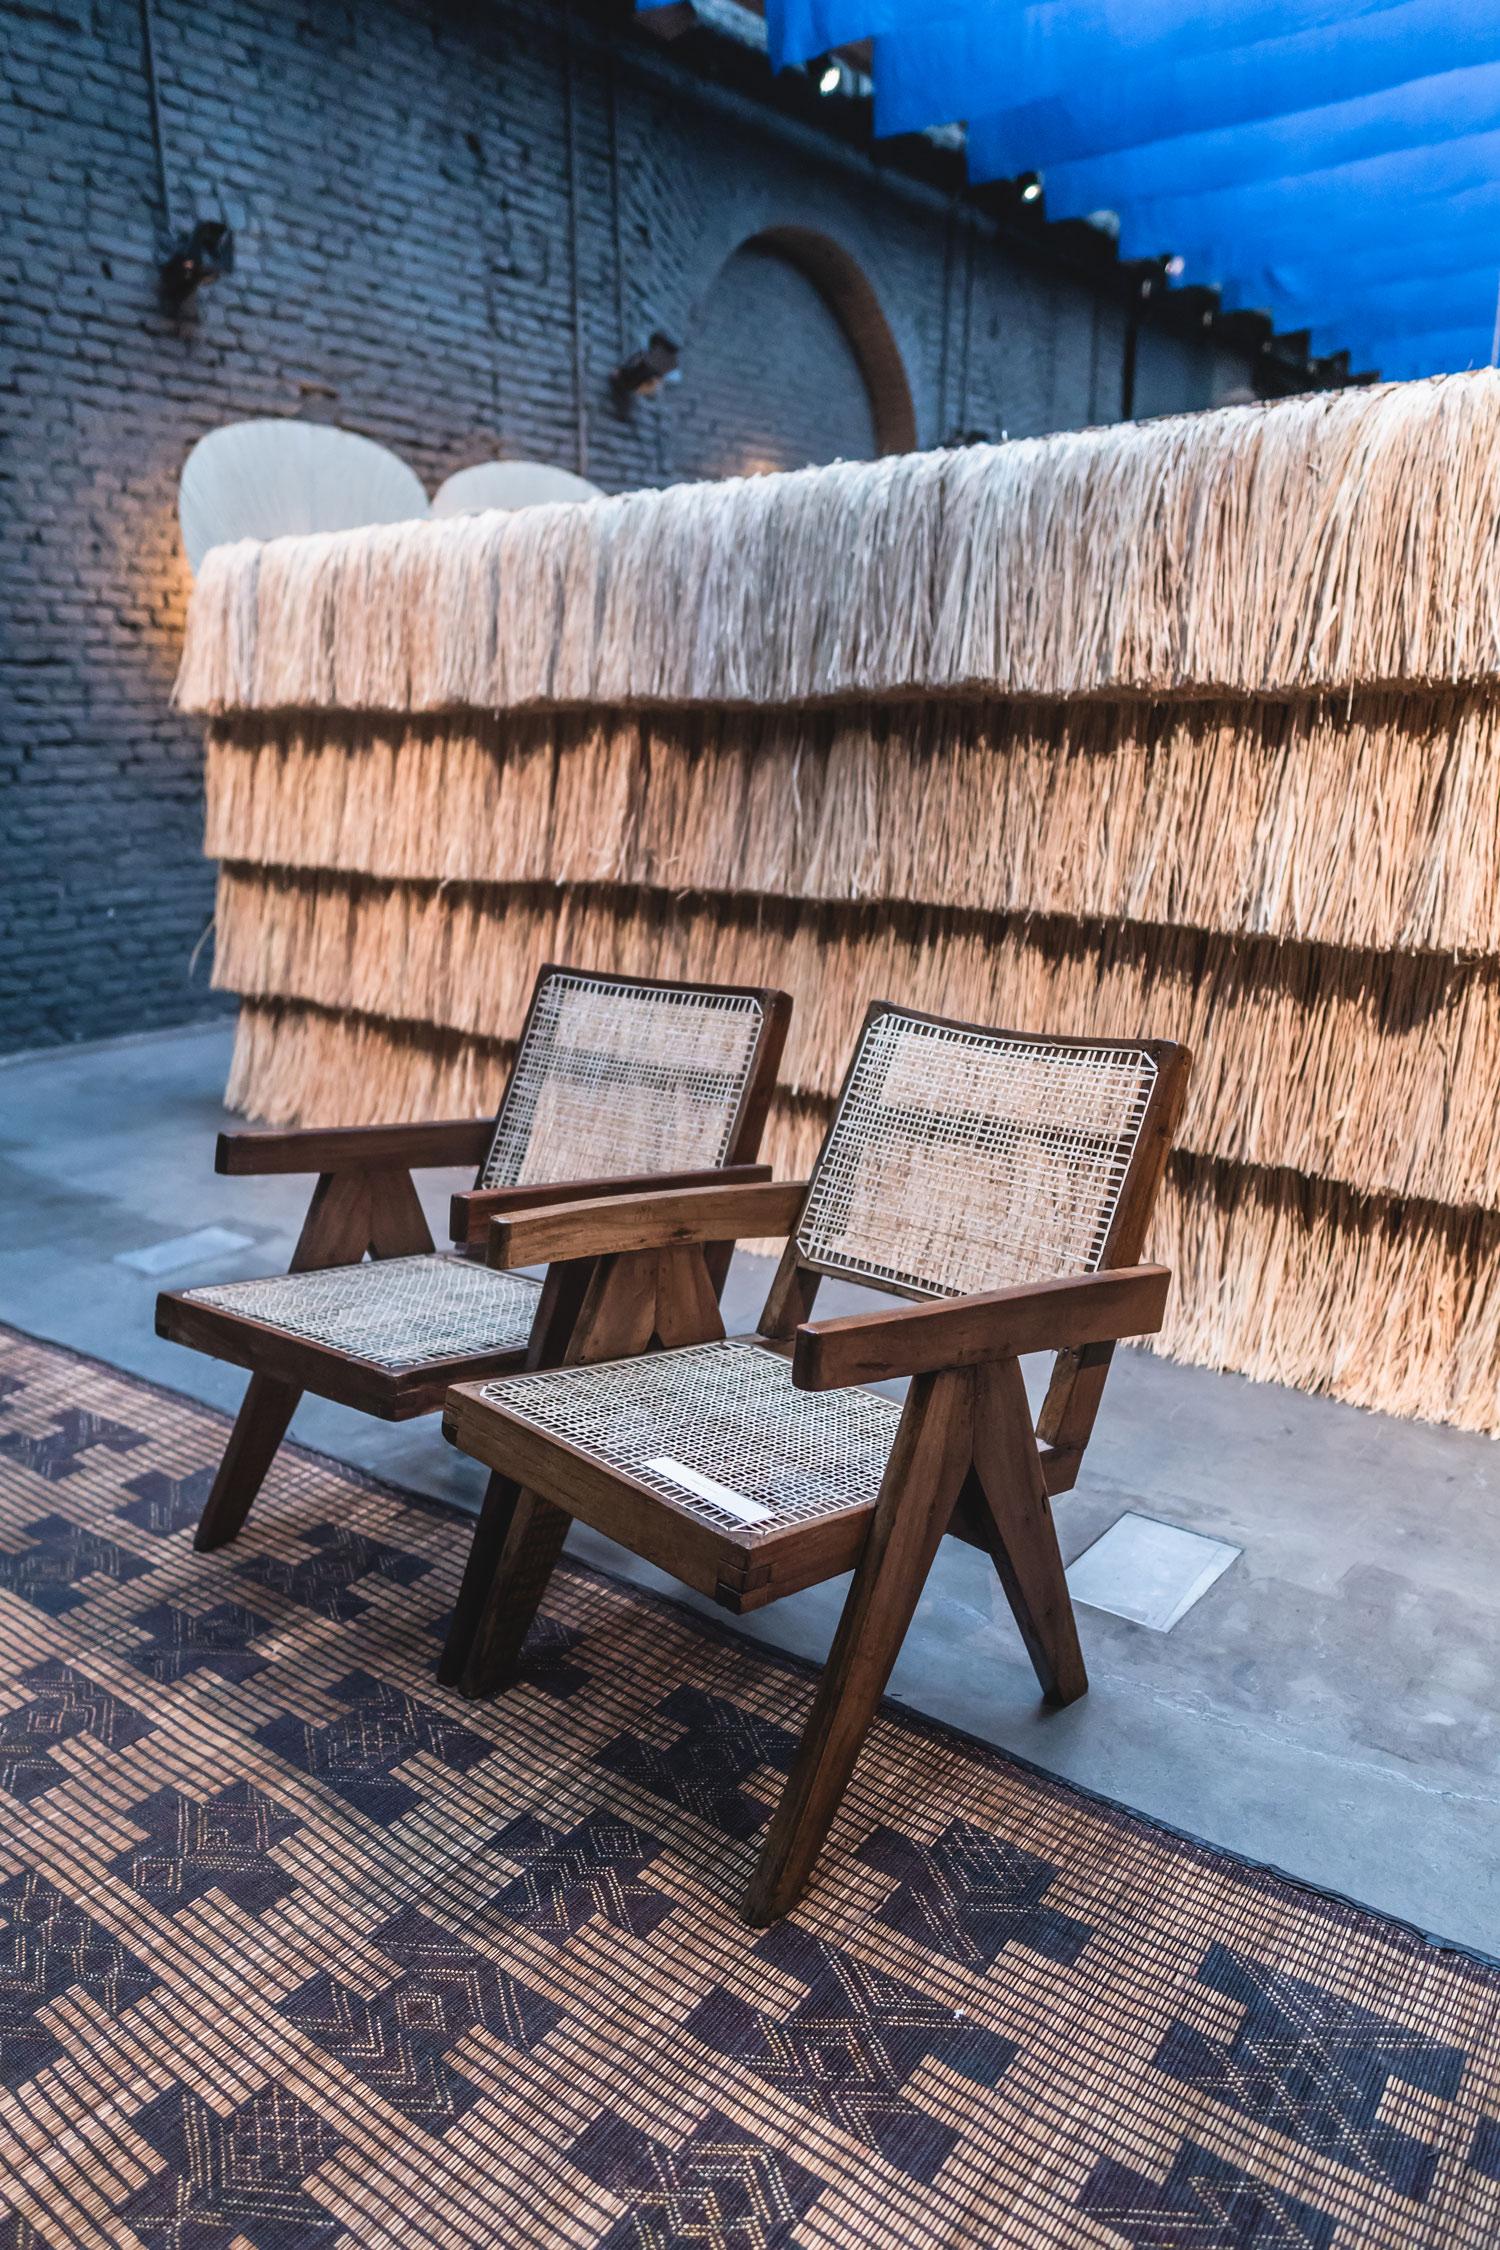 Interior design trends for 2020 - Humble Materials - Authentic Interior design studio & blog www.authenticinterior.com